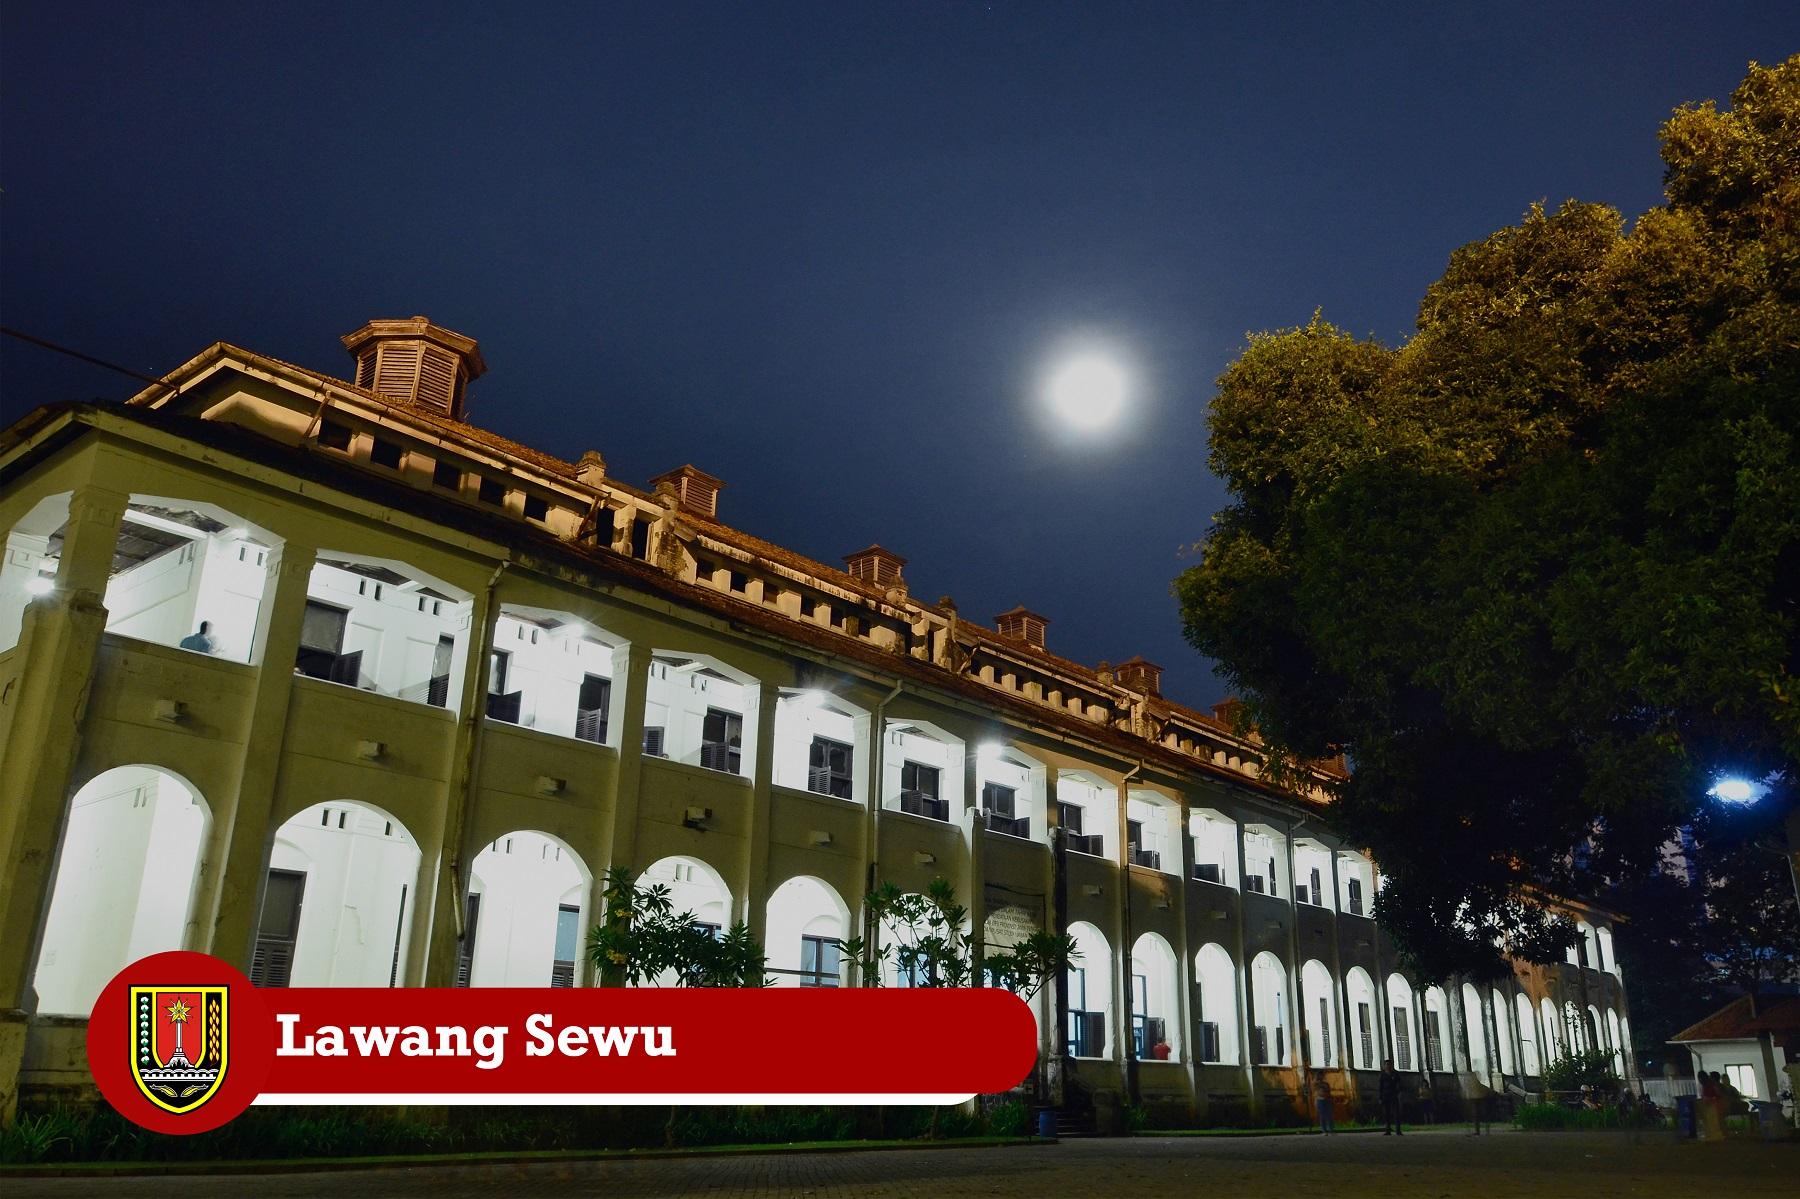 LAWANG SEWU